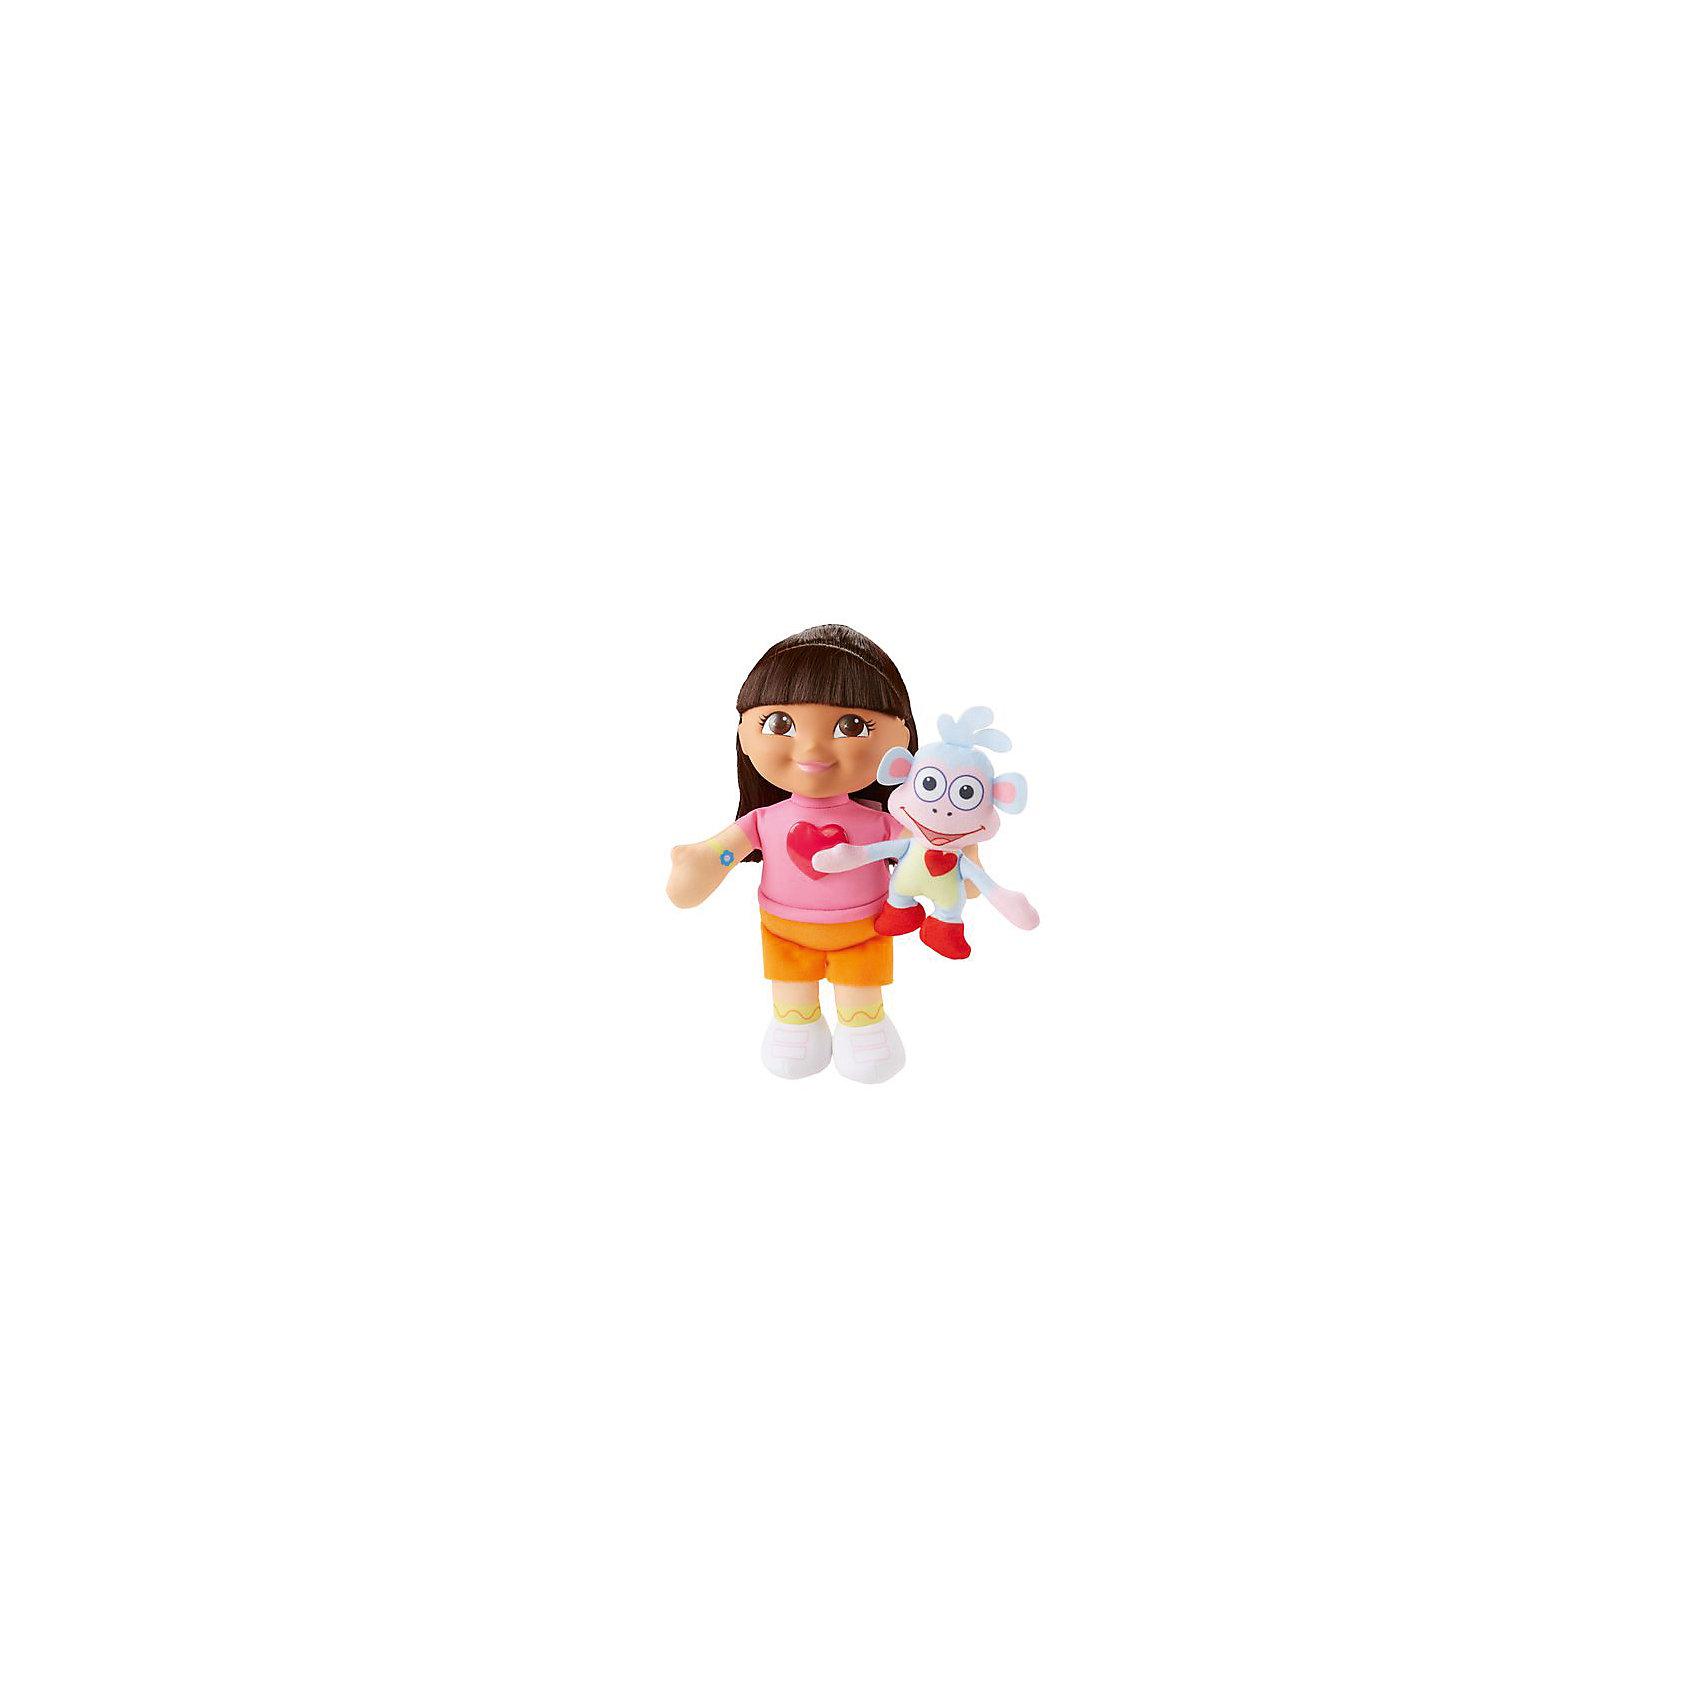 Поющая кукла Даша и Башмачок, Fisher Price, Даша-путешественницаХарактеристики товара:<br><br>• комплектация: игрушка, упаковка <br>• материал: пластик, текстиль<br>• серия: Даша-путешественница<br>• возраст: от трех лет<br>• для девочек<br>• габариты игрушки: 23x12х7 см<br>• вес: 0,218 кг<br>• страна бренда: США<br>• страна изготовитель: Китай<br><br>Даша – путешественница – кукла, созданная по мотивам одноименного фильма. Кукла одета в яркие красивые наряды и обладает роскошными волосами, которые можно расчесывать и делать прически. Издает звуковые эффекты. Стоит отметить, что все товары, выпускаемые компанией Mattel, полностью безопасны и соответствуют международным  требованиям по качеству материалов. <br><br>Игрушку Поющая кукла Даша и Башмачок, Fisher Price, Даша-путешественница» можно приобрести в нашем интернет-магазине.<br><br>Ширина мм: 9999<br>Глубина мм: 9999<br>Высота мм: 9999<br>Вес г: 9999<br>Возраст от месяцев: 36<br>Возраст до месяцев: 120<br>Пол: Женский<br>Возраст: Детский<br>SKU: 5378292